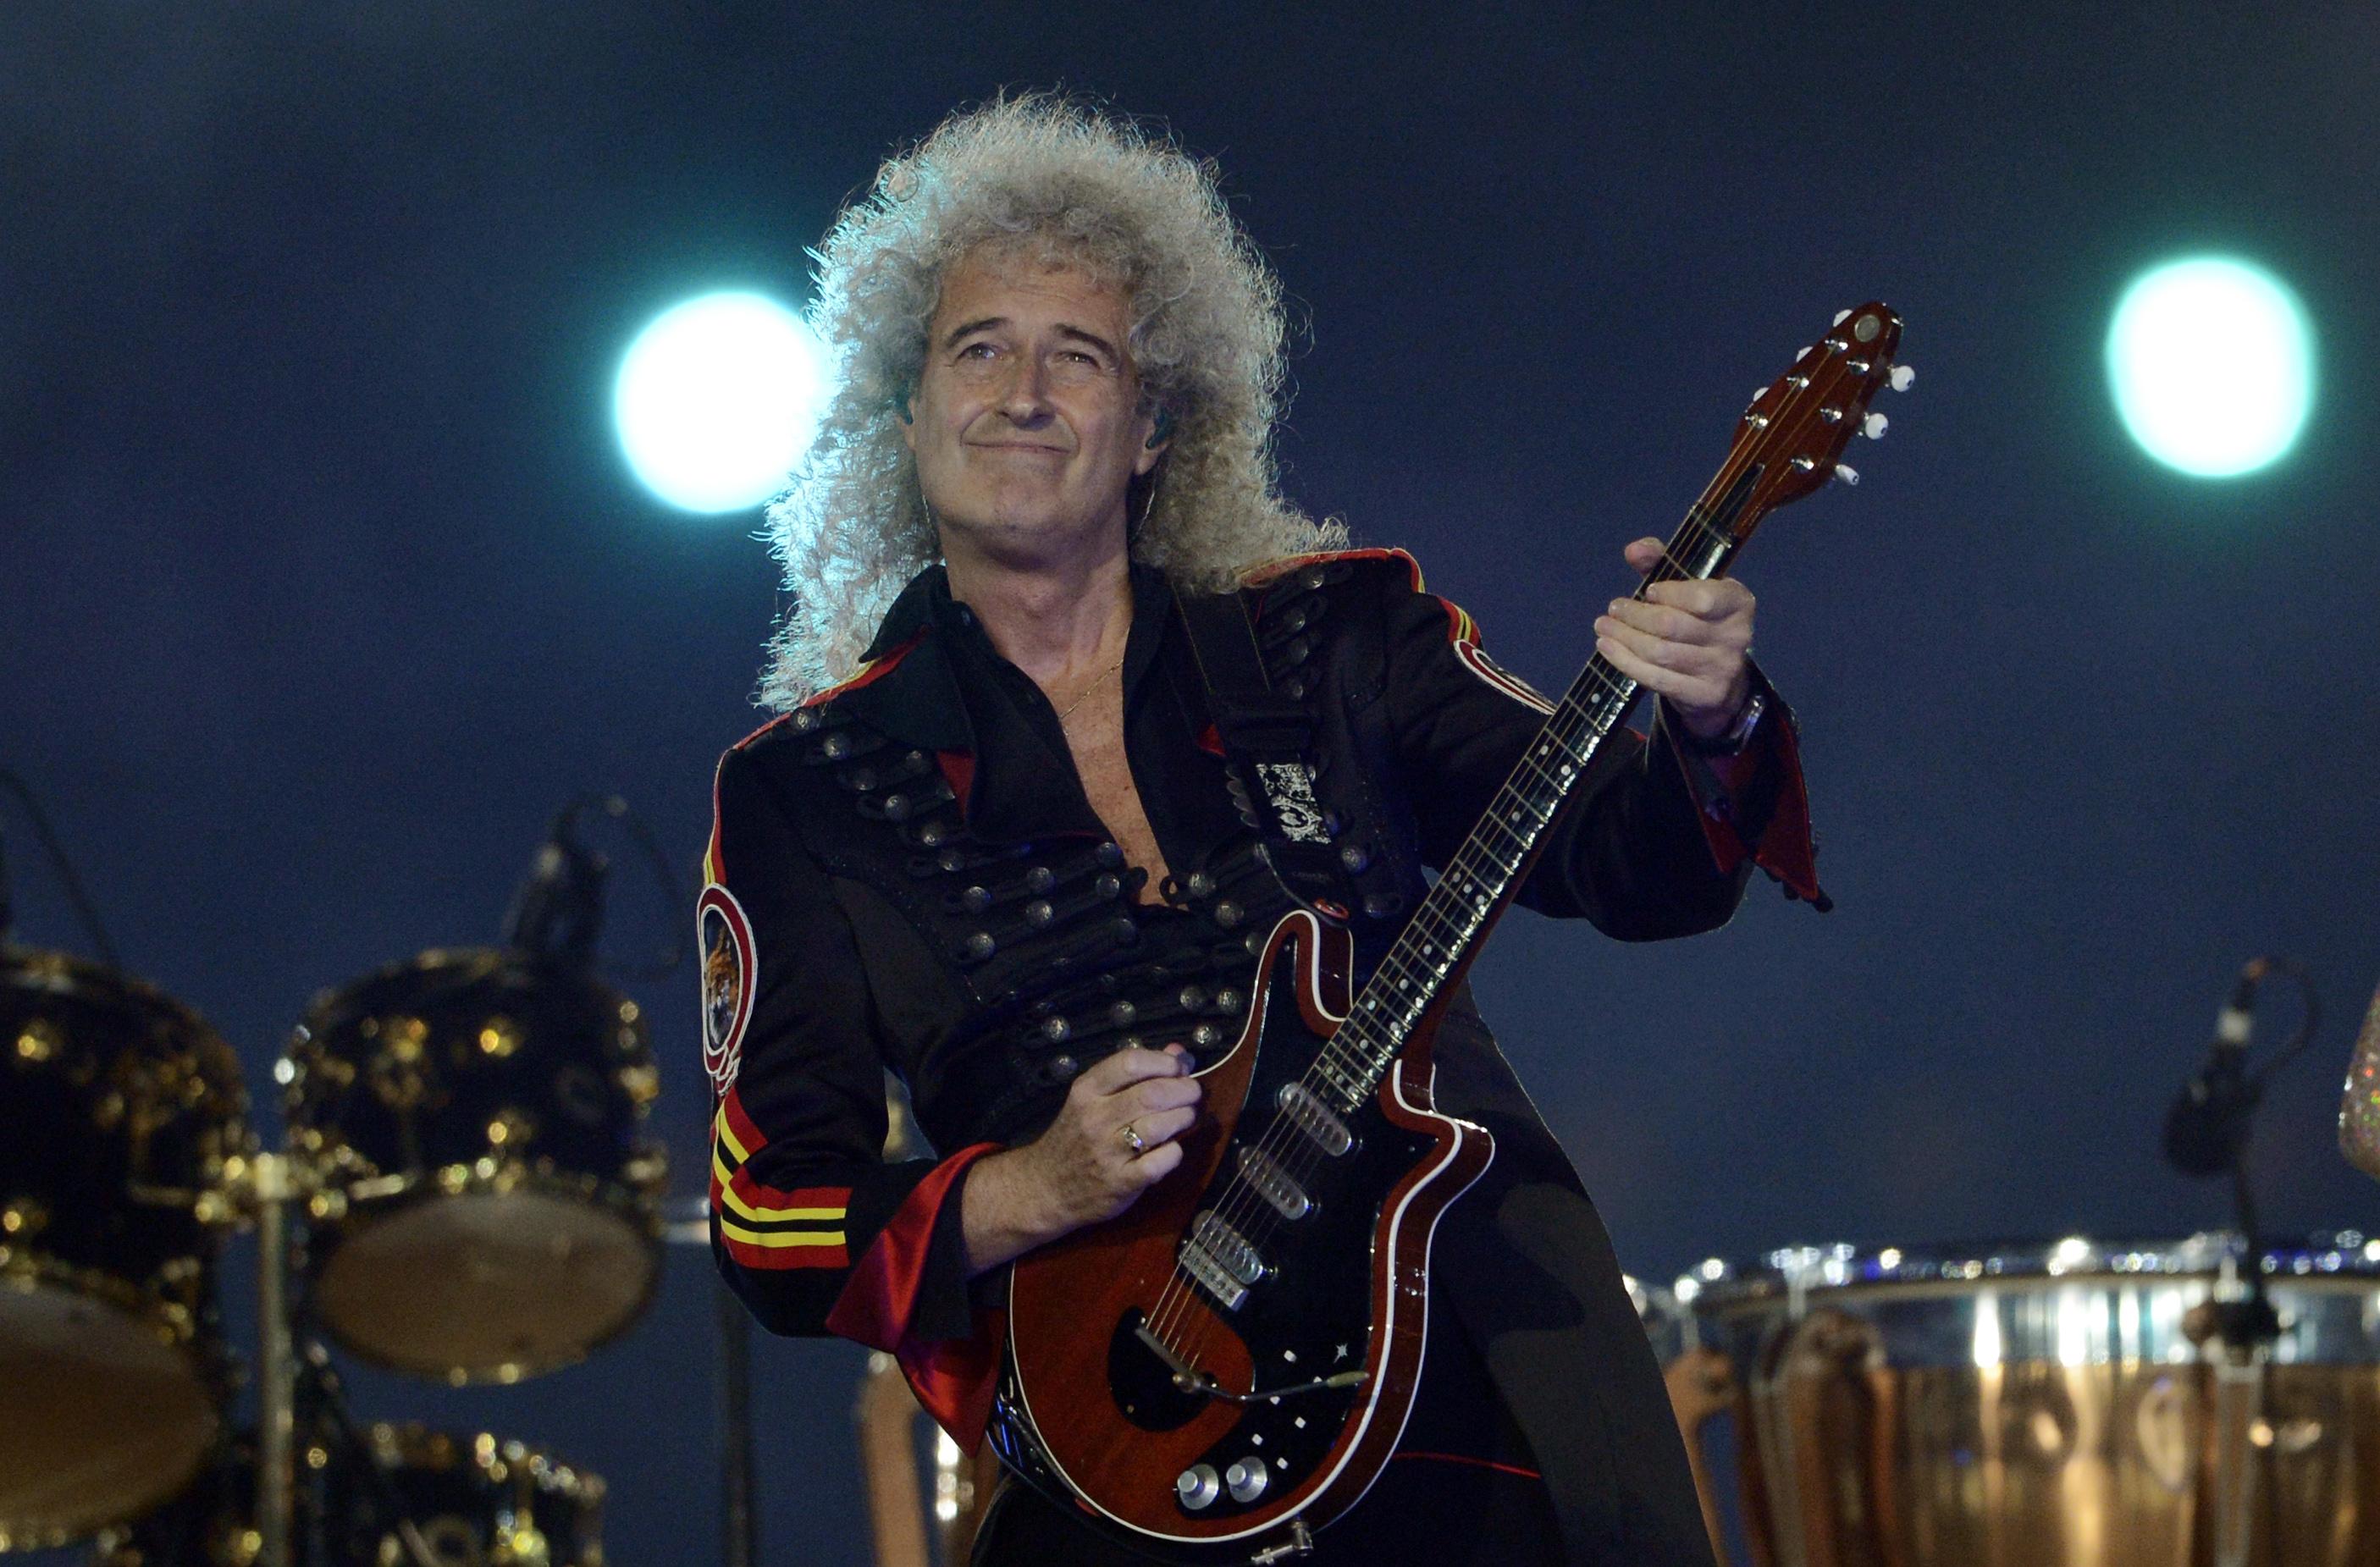 """Annuncio choc di Brian May chitarrista dei Queen, """"combatto contro una malattia che mi sta distruggendo e non se ne va"""""""